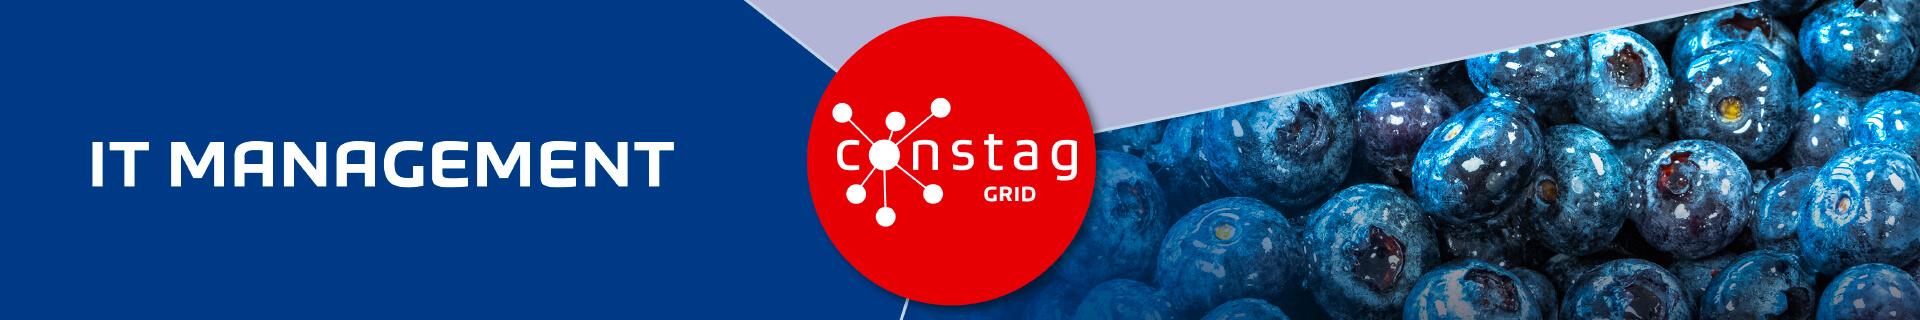 Constag Produkte IT-Management GRID